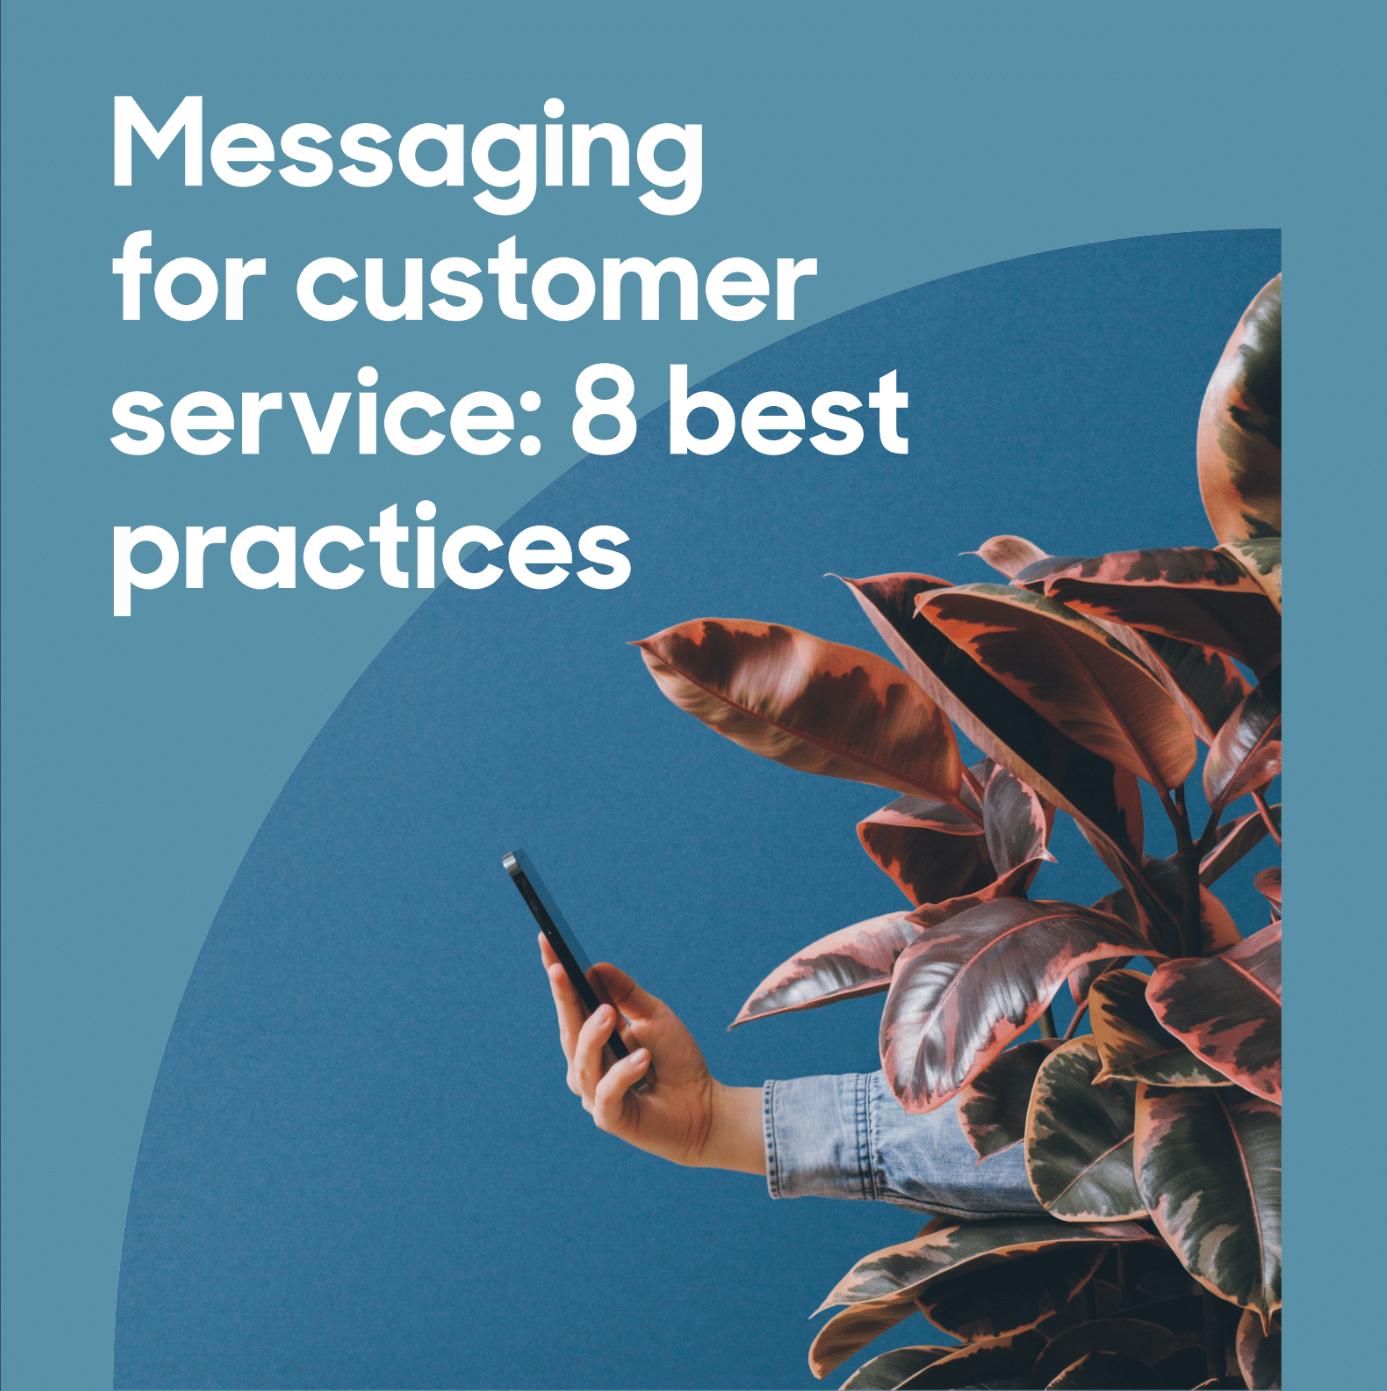 더 나은 고객 서비스를 위한 메시징 베스트 프랙티스